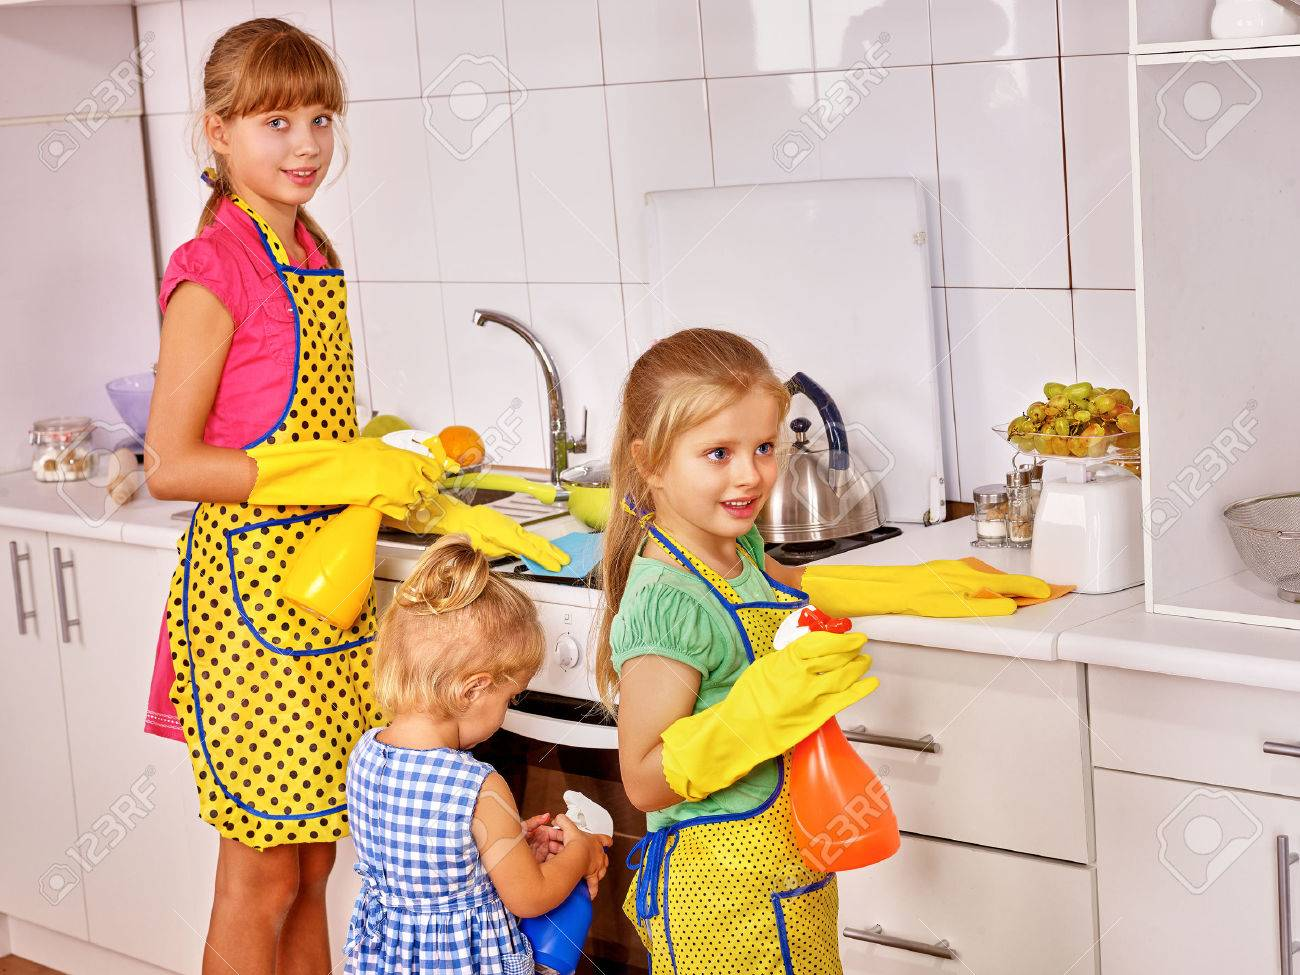 Children little girl cooking at kitchen. - 38740579